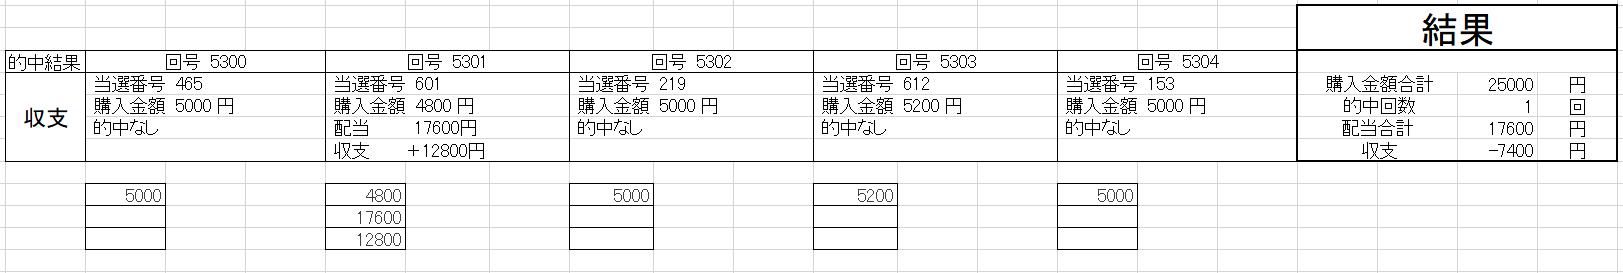 ナンバーズ3予想066